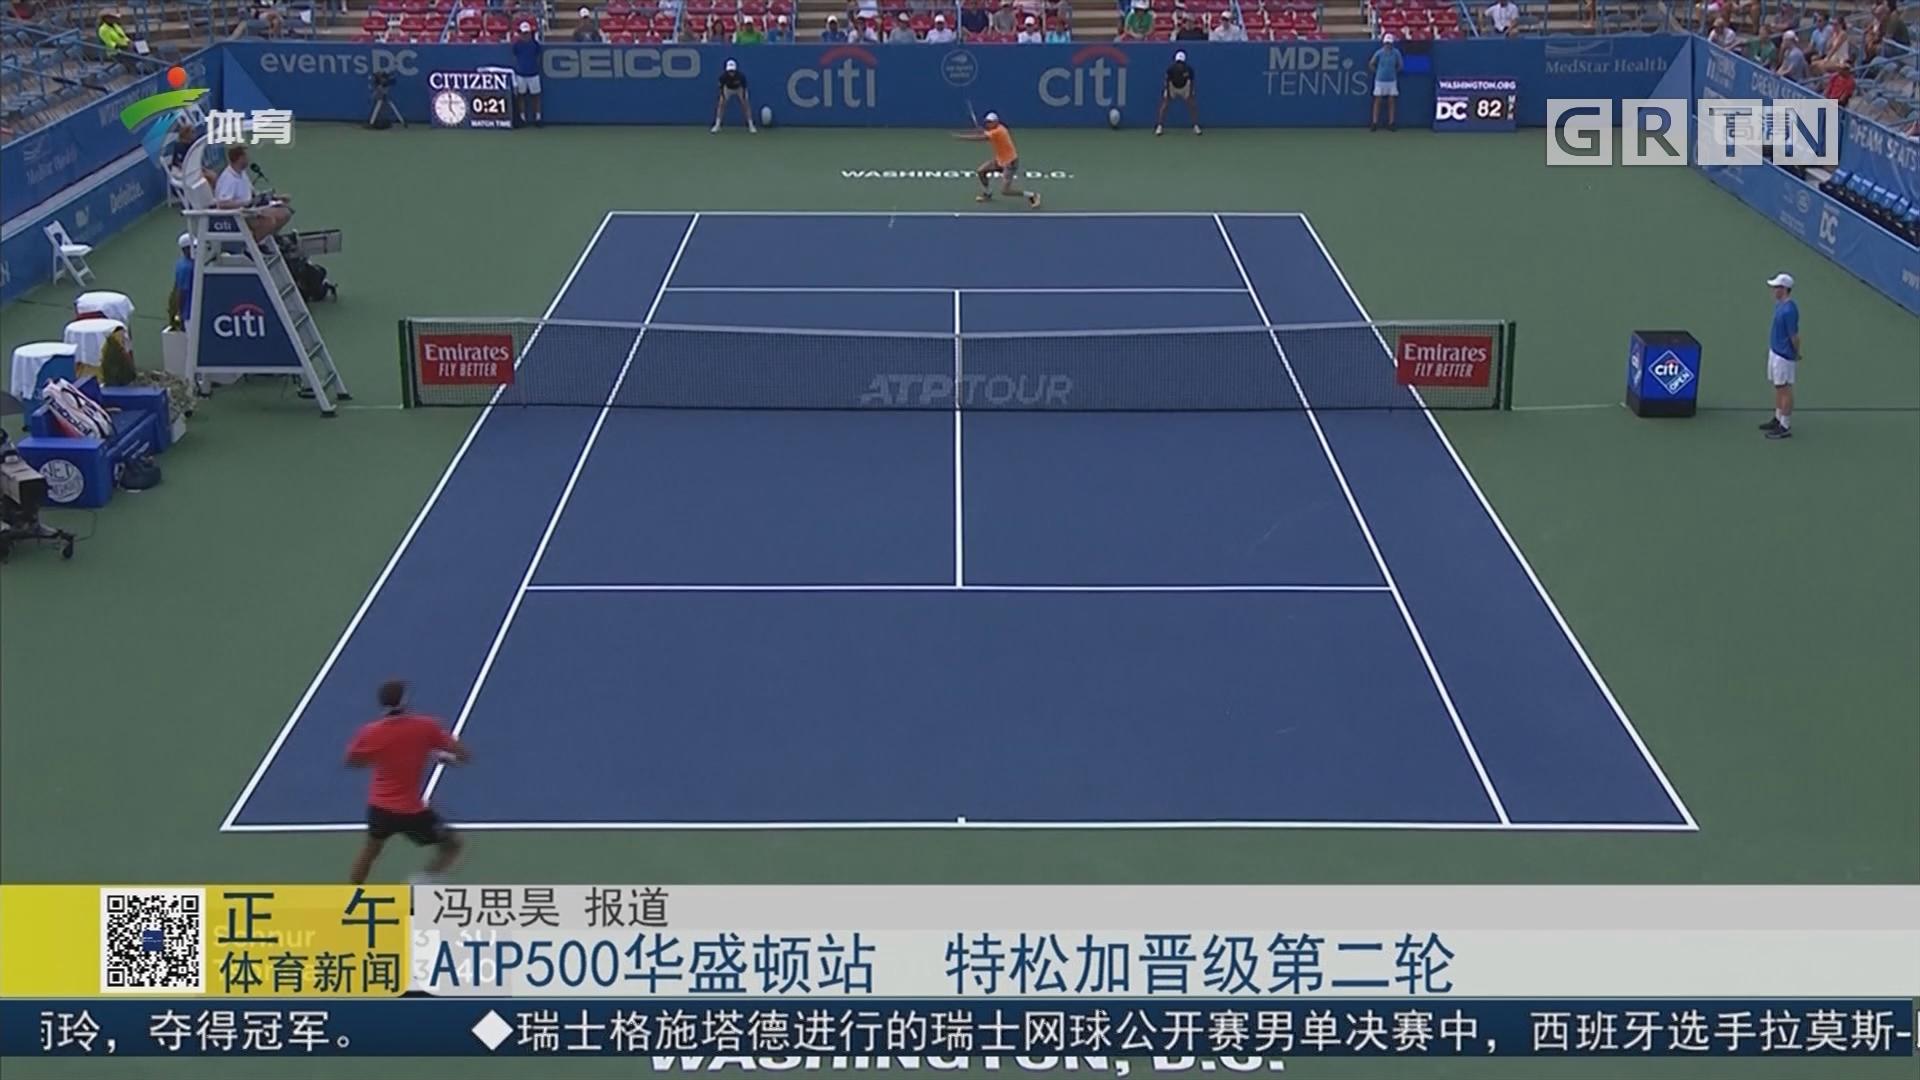 ATP500华盛顿站 特松加晋级第二轮